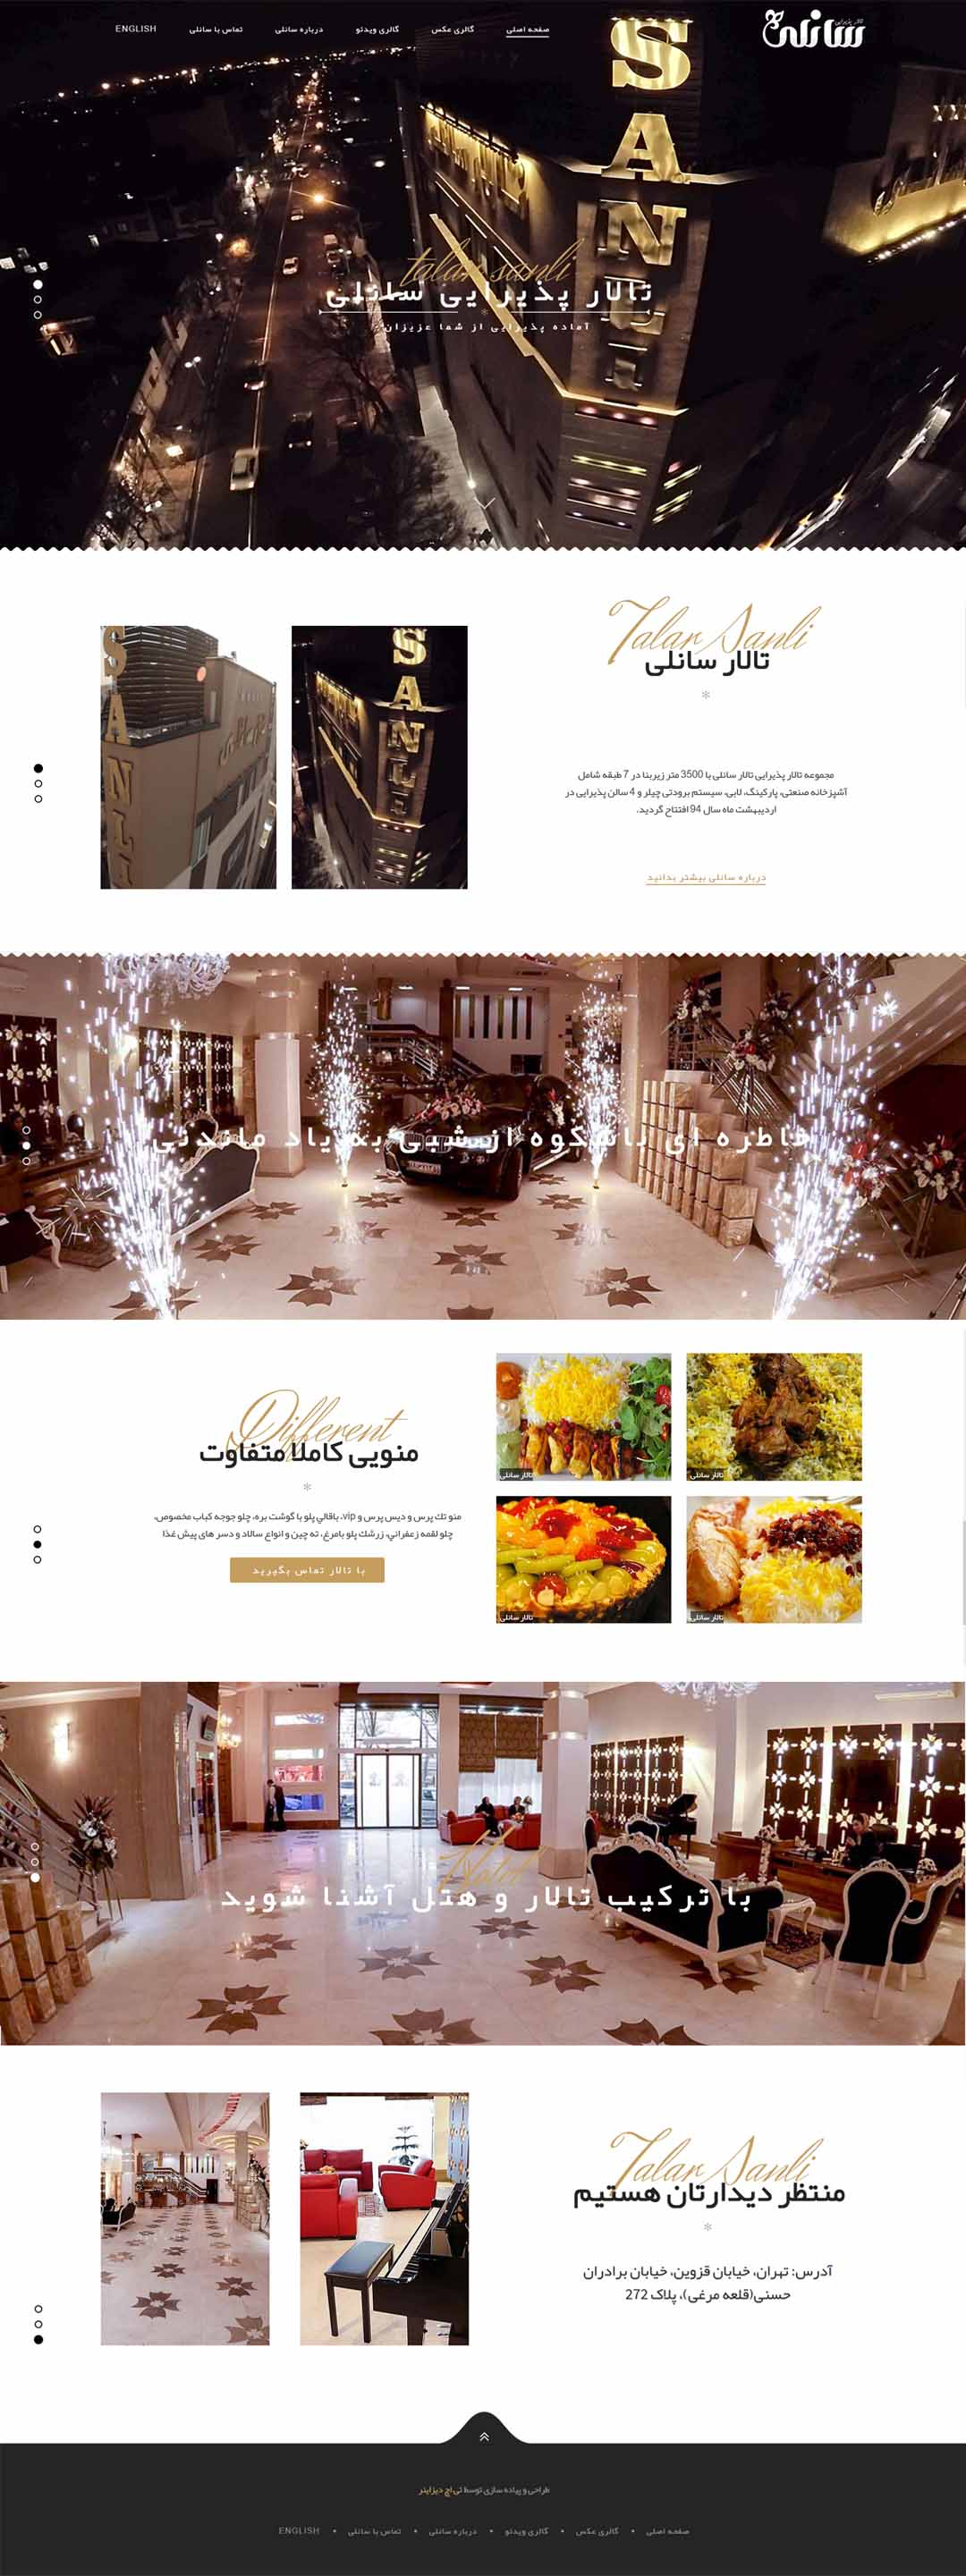 طراحی وب سایت دوزبانه تالارسانلی